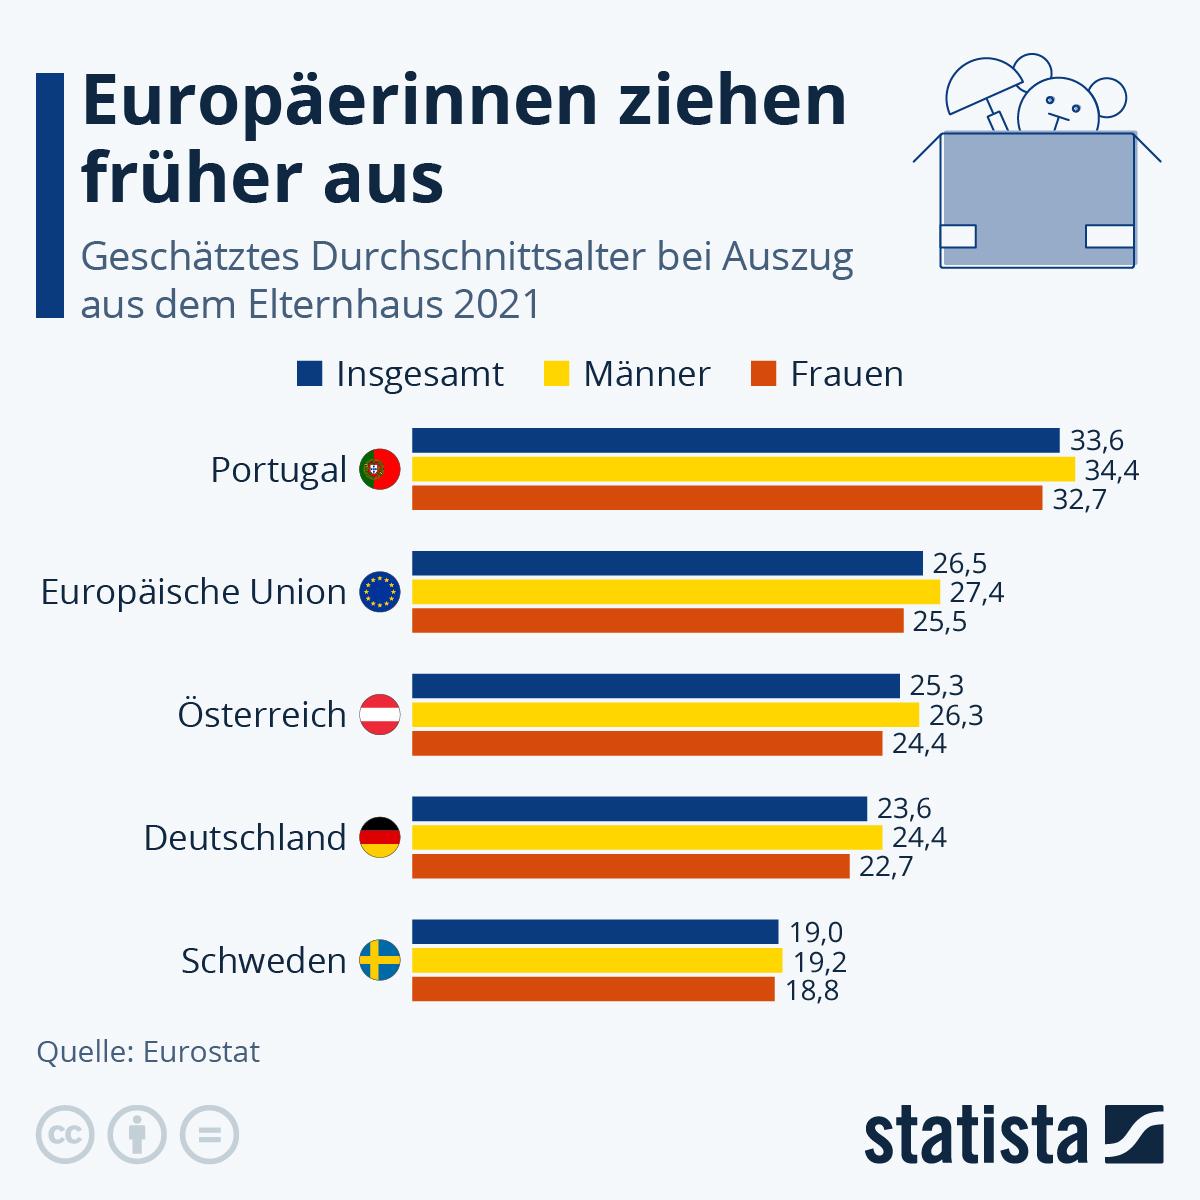 Infografik: Europäerinnen ziehen früher aus | Statista